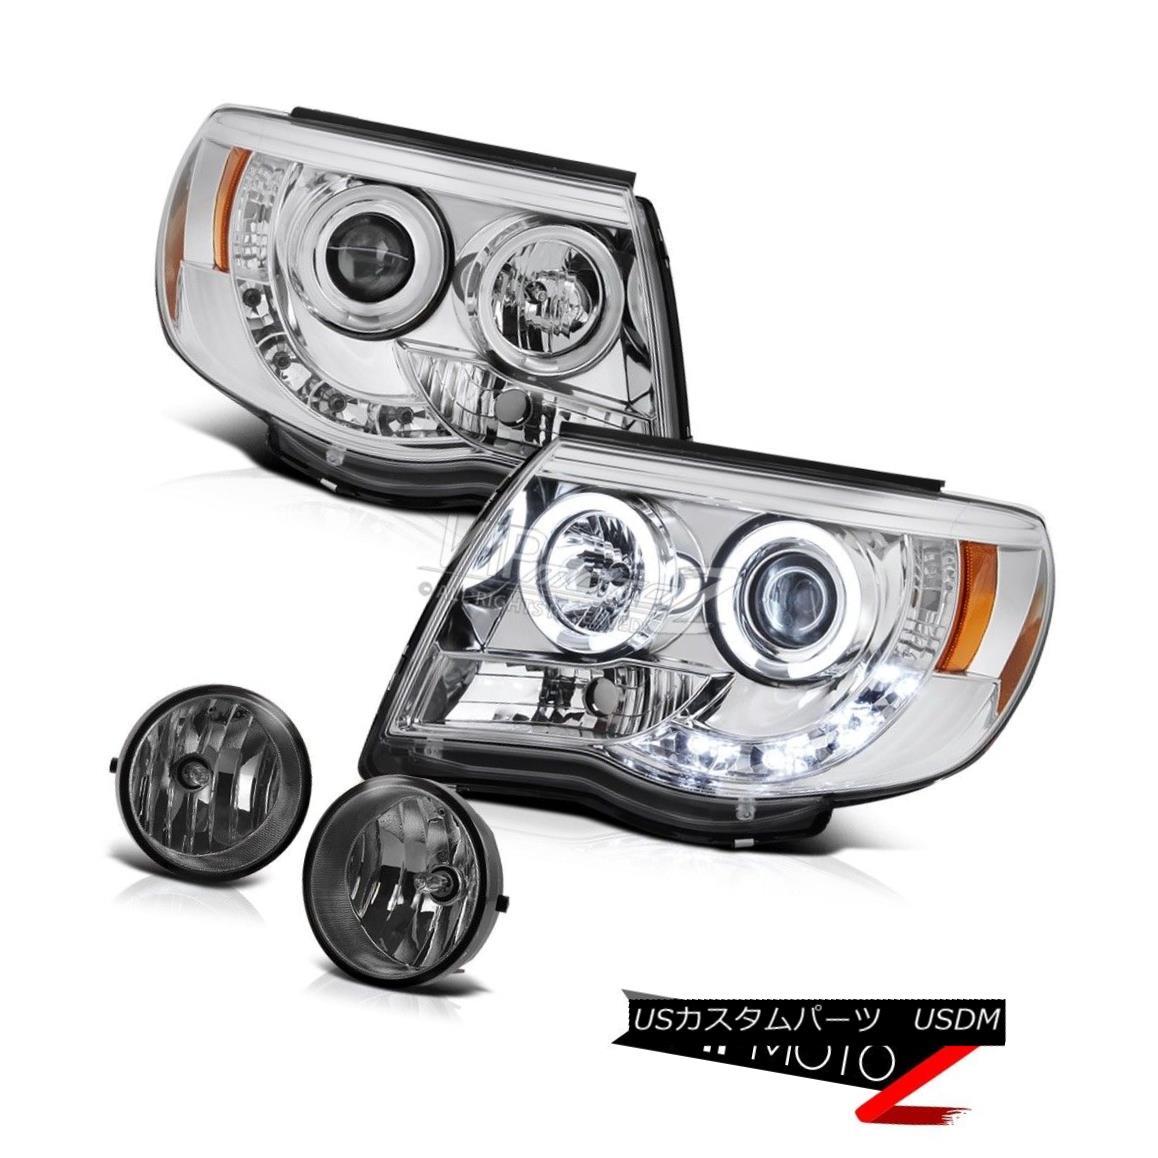 ヘッドライト 2005-2011 Tacoma TRD Offroad CCFL Halo Rim DRL LED Headlights Driving Foglights 2005-2011 Tacoma TRDオフロードCCFL Halo Rim DRL LEDヘッドライトフォグライトの駆動